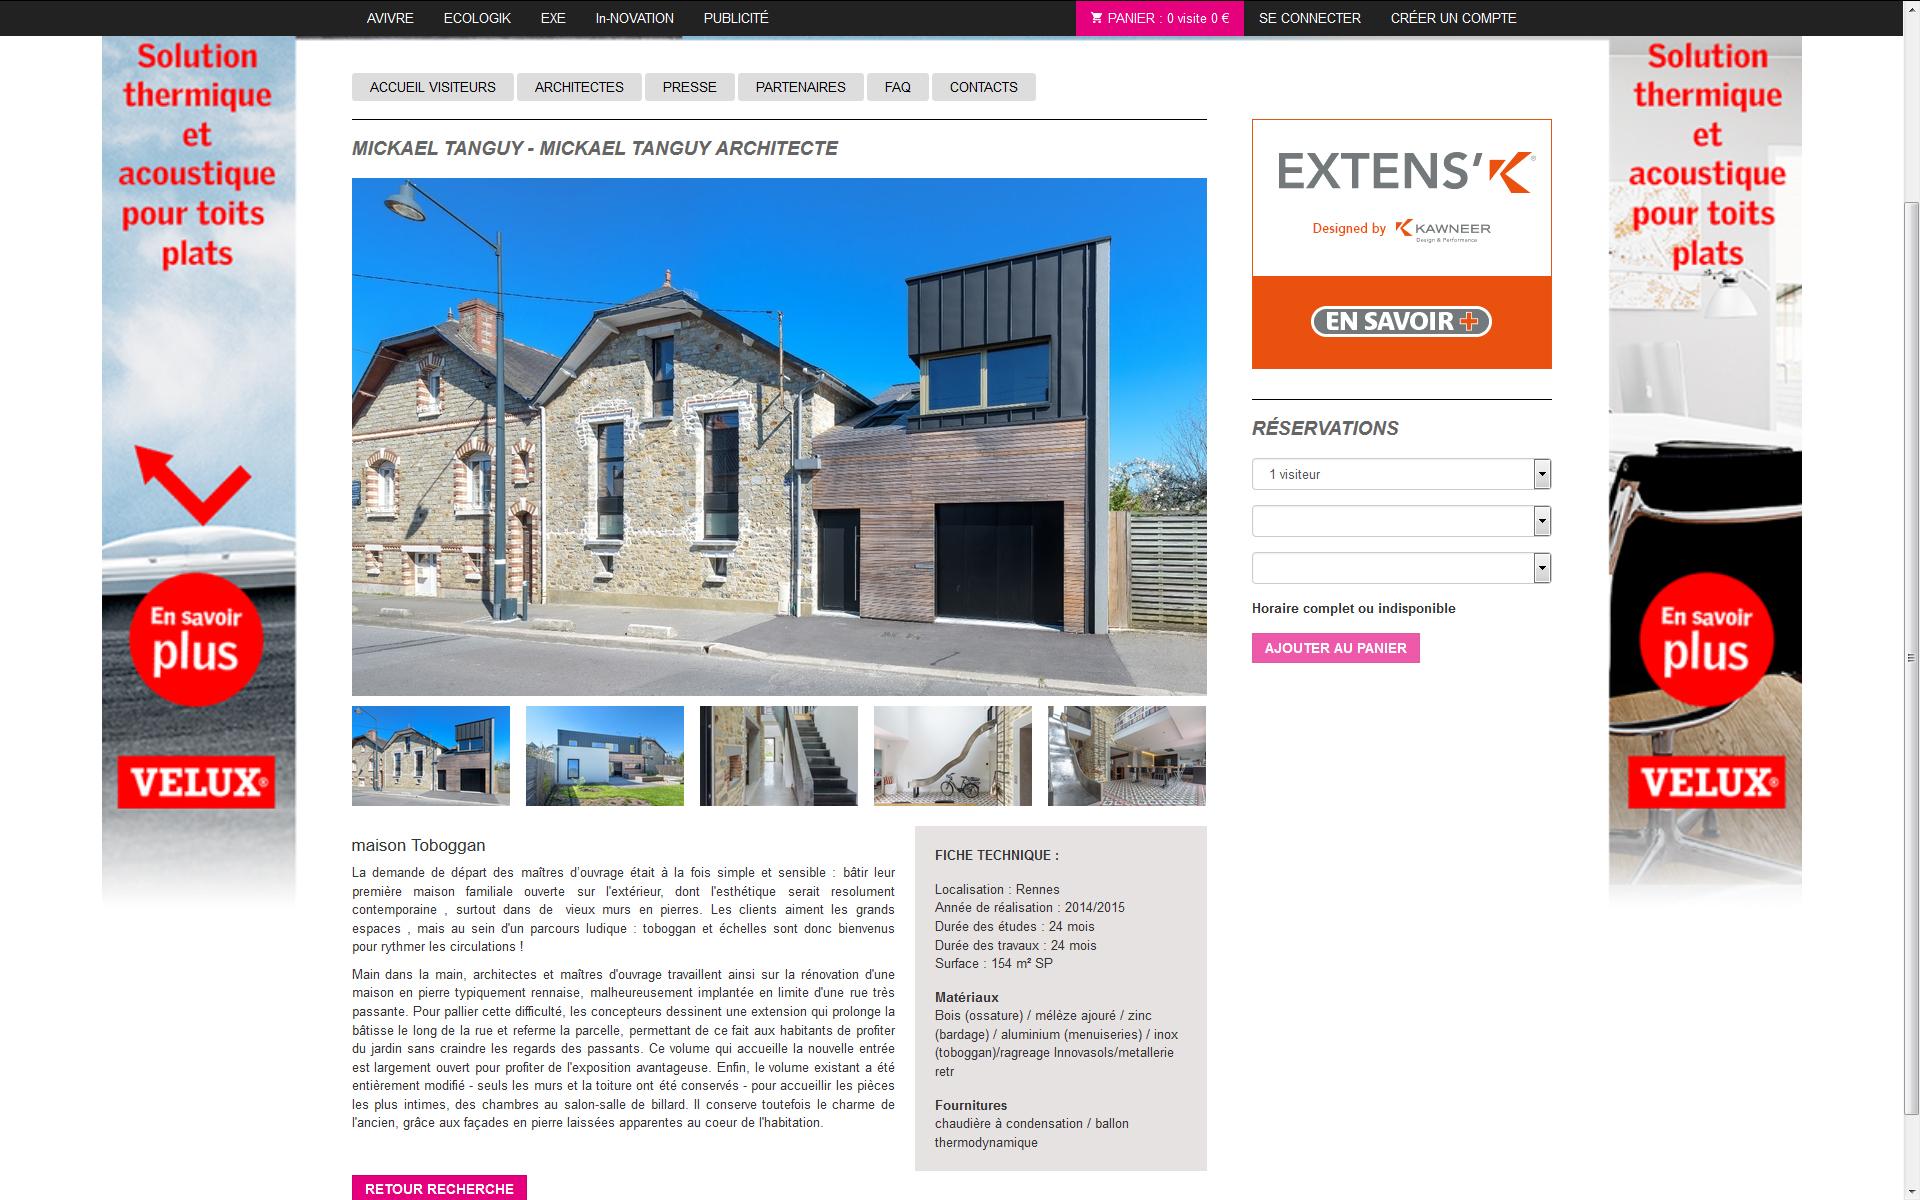 journée à vivre : visite maisons d'architecte 2015 en lien avec la revue A Vivre